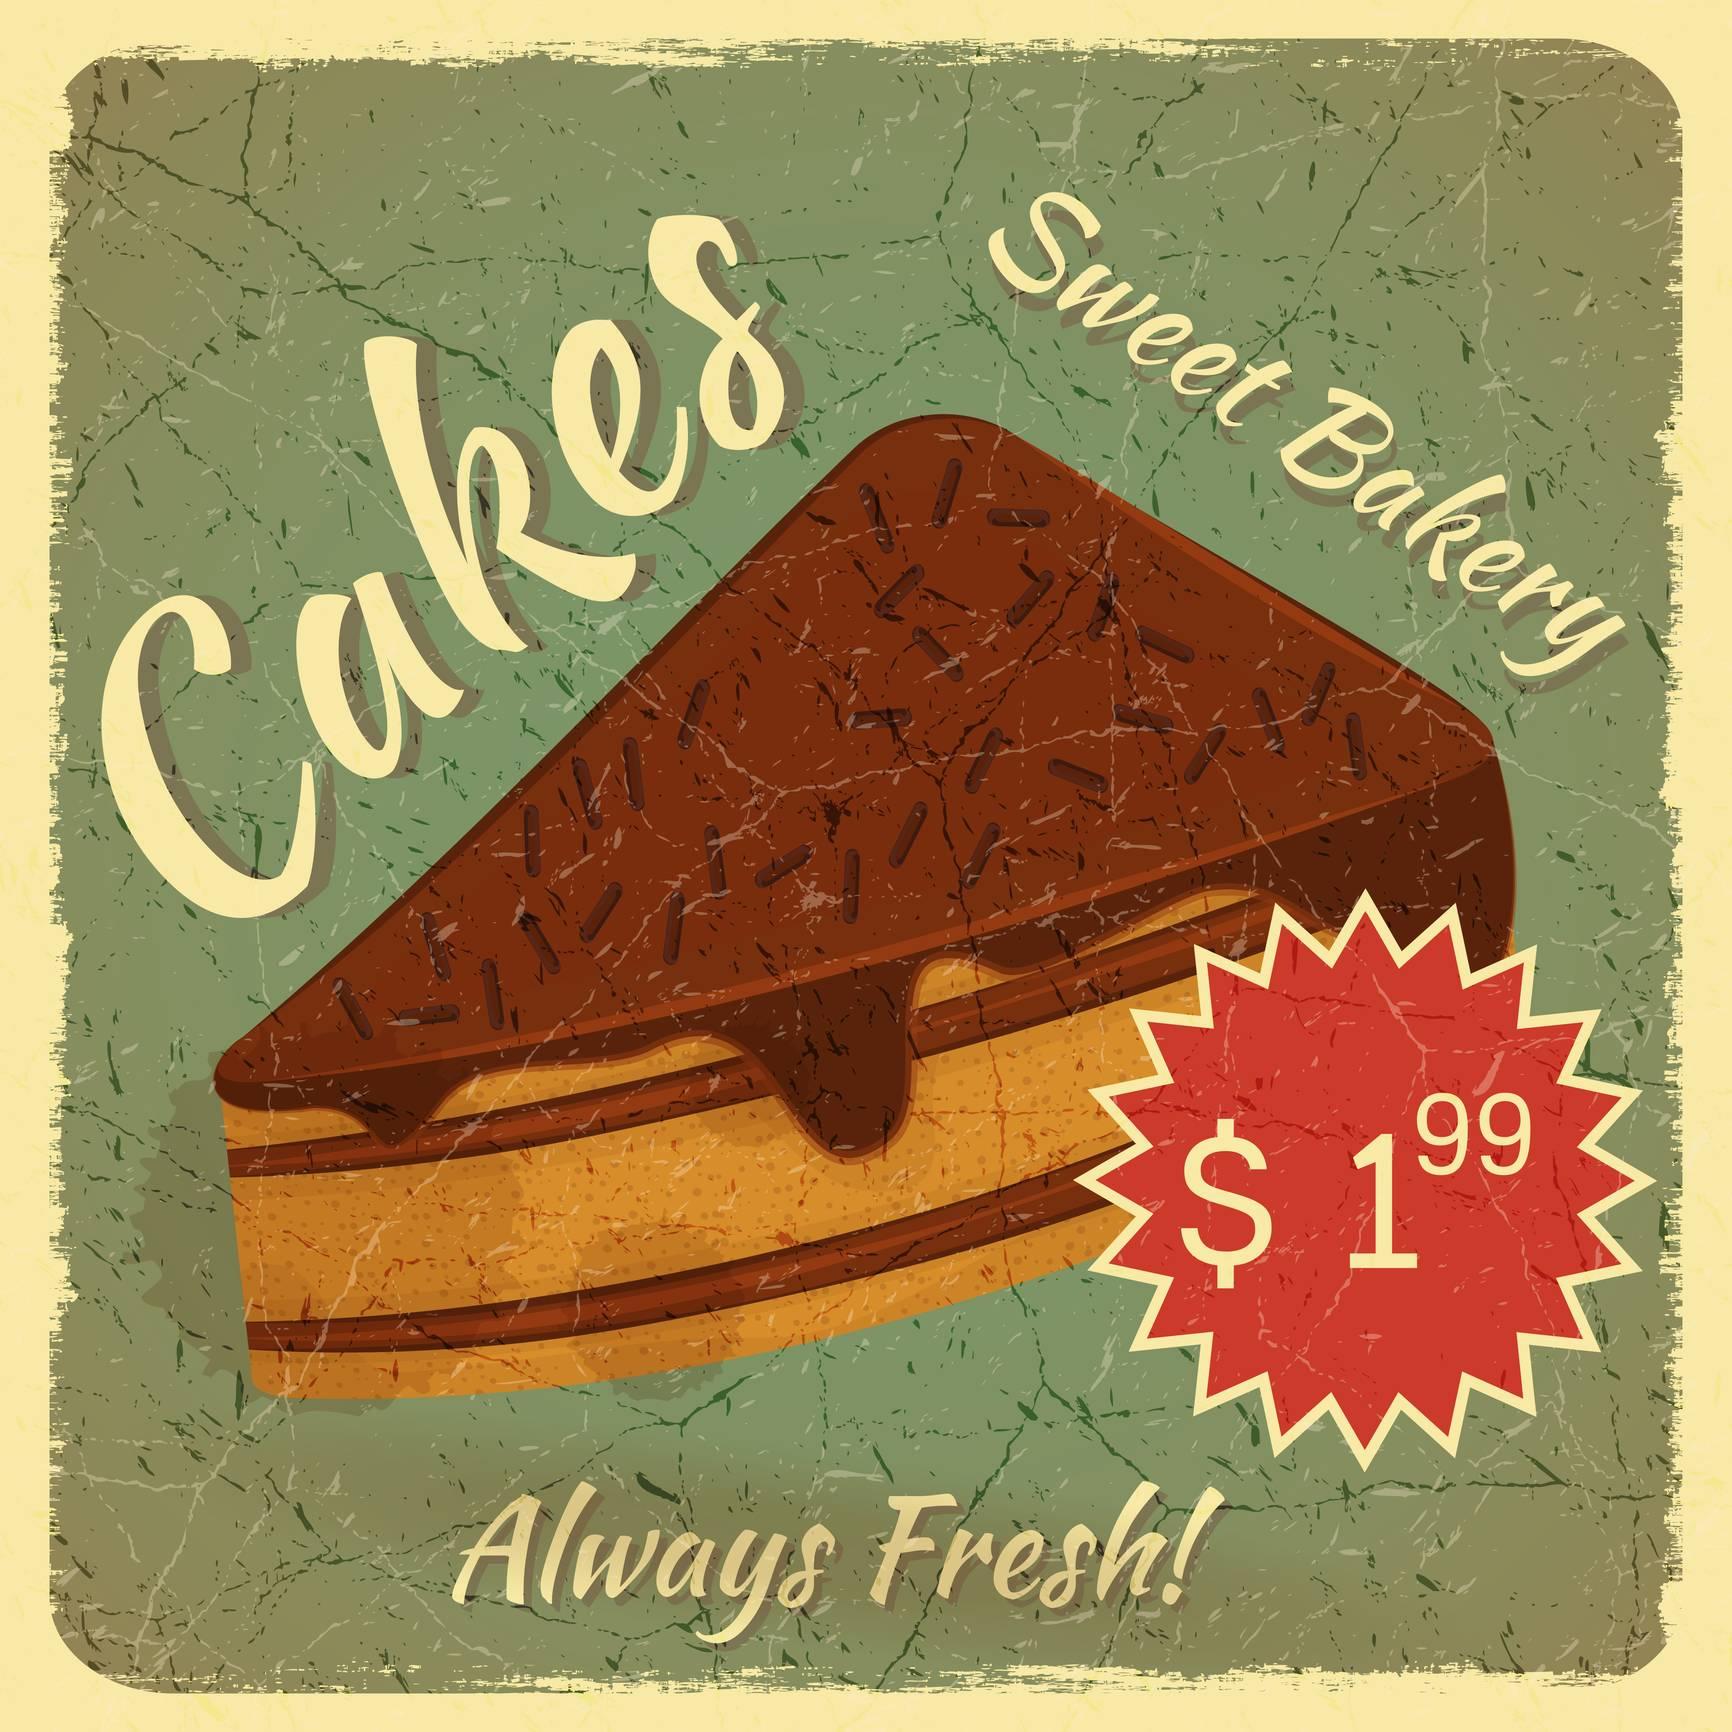 image Quel est le prix d'un gâteau personnalisé?